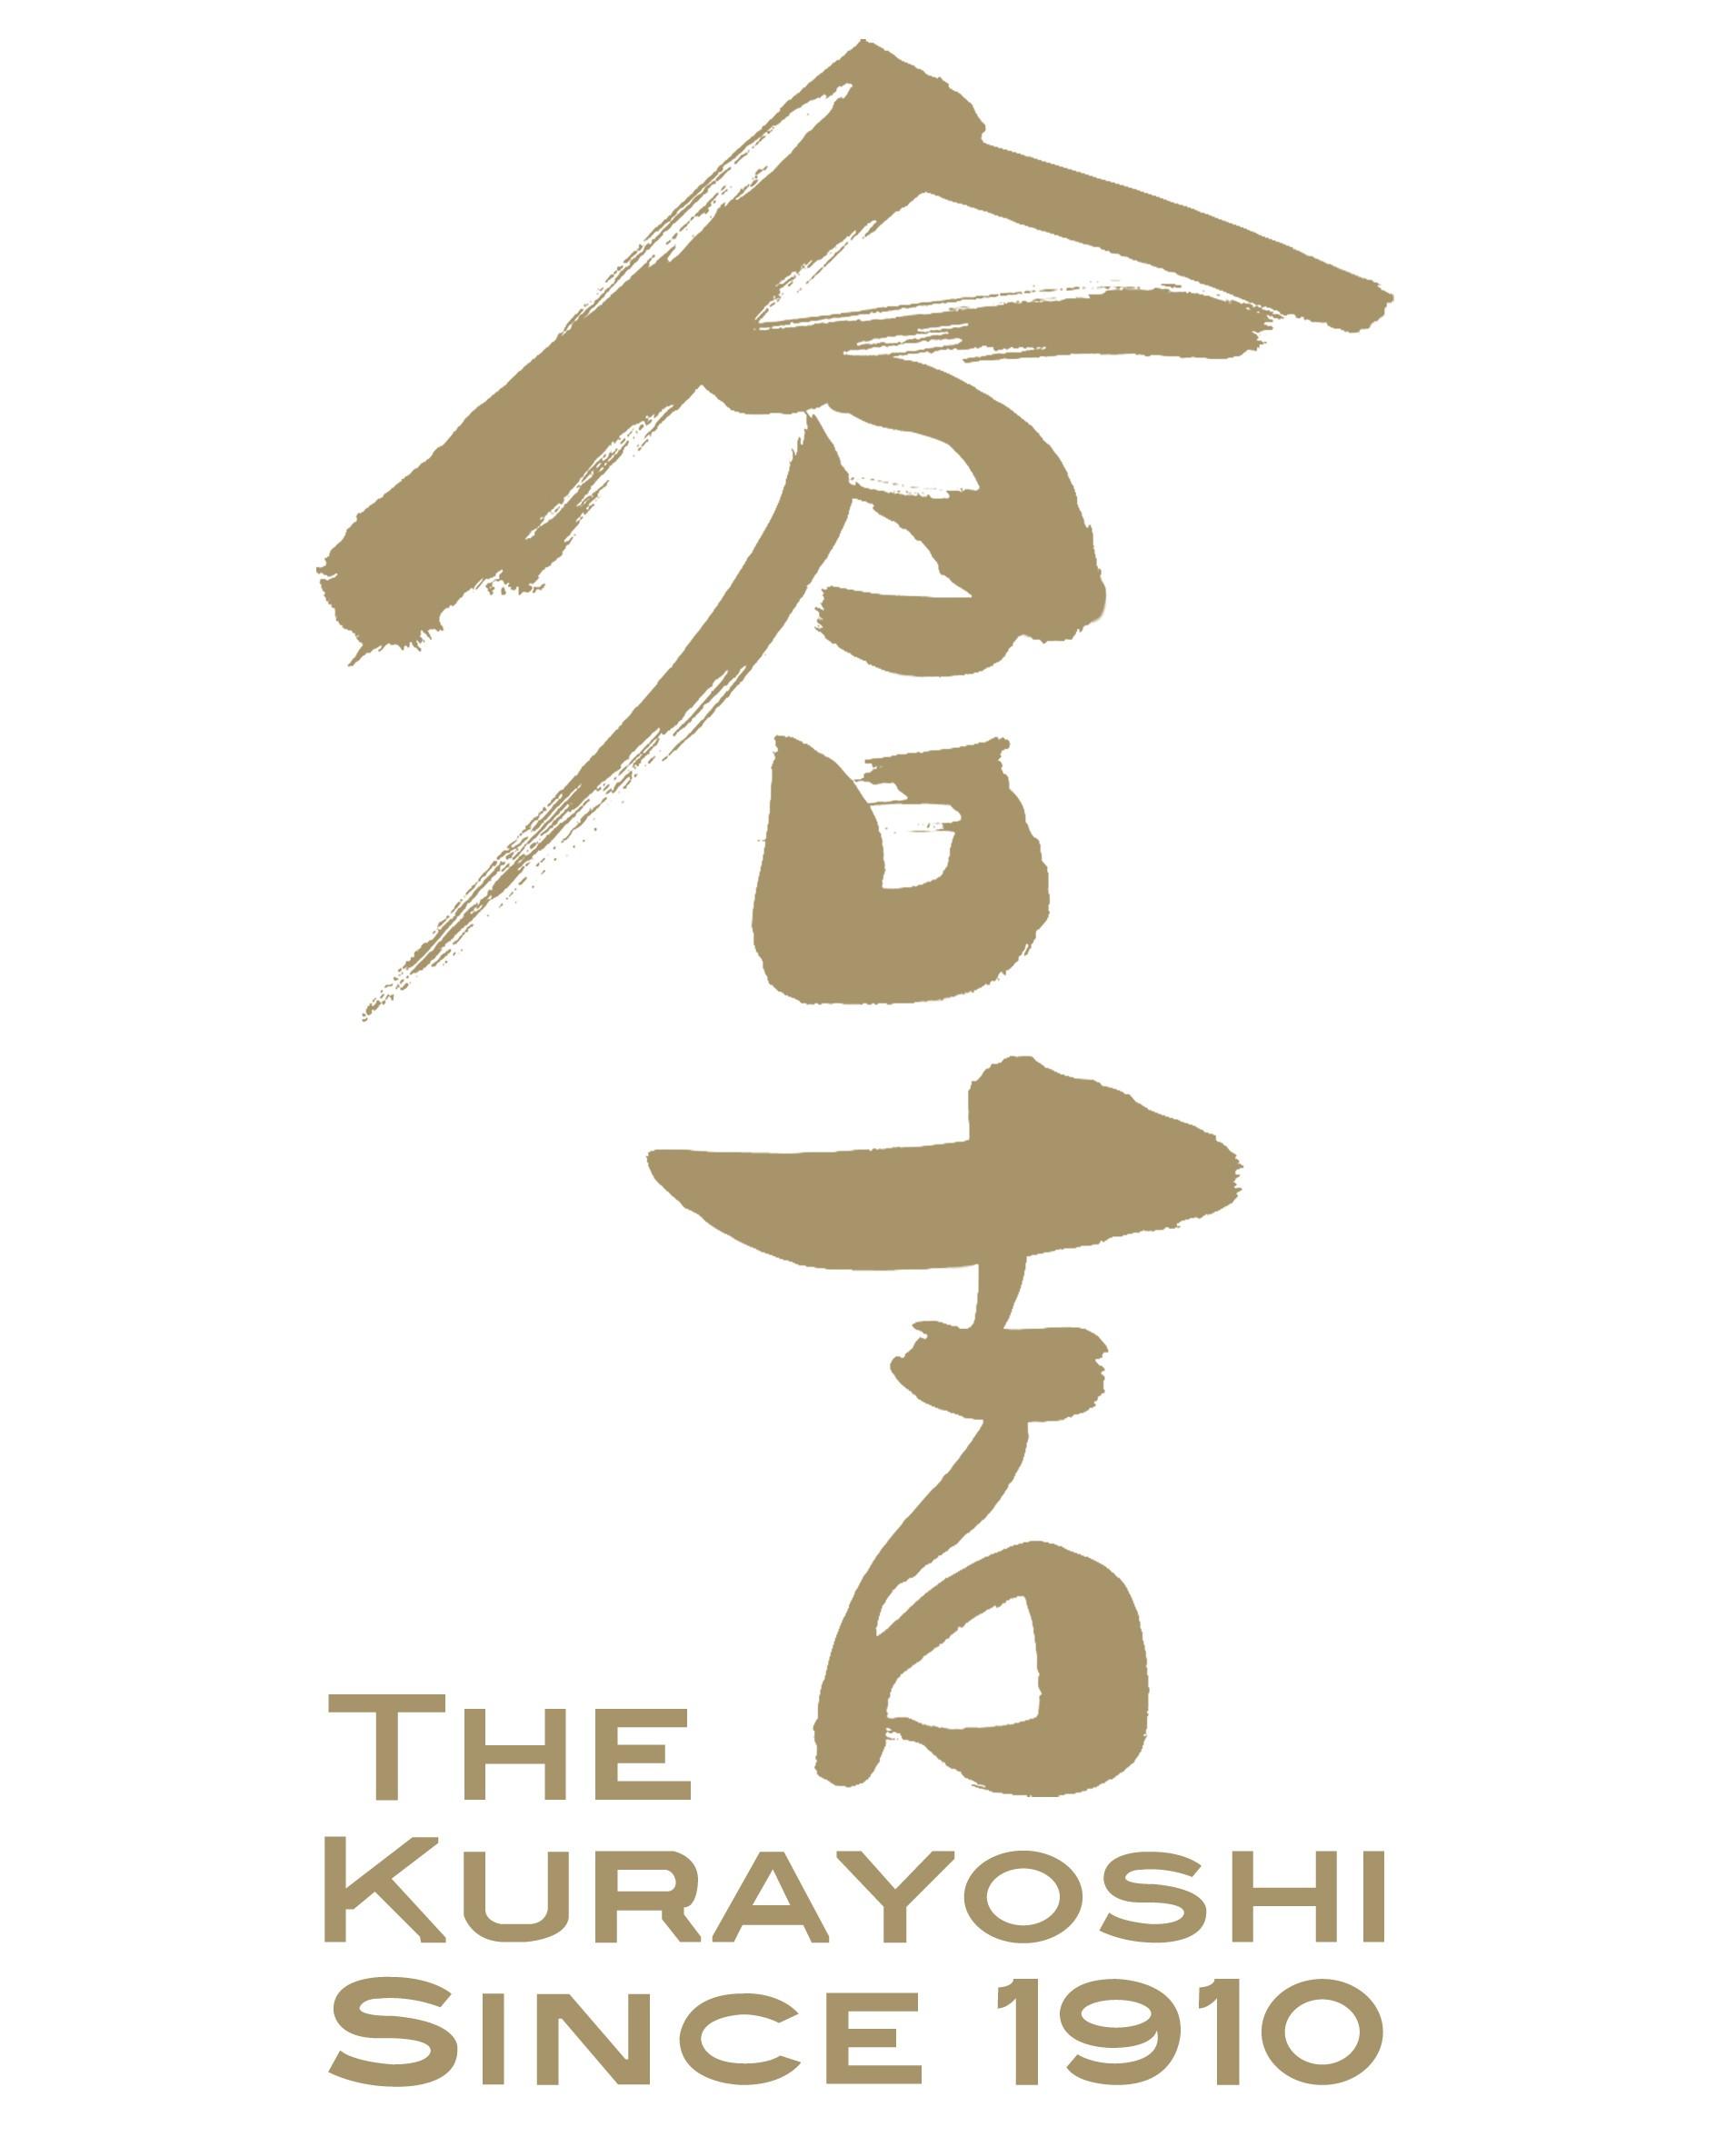 THE KURAYOSHI SINCE 1910